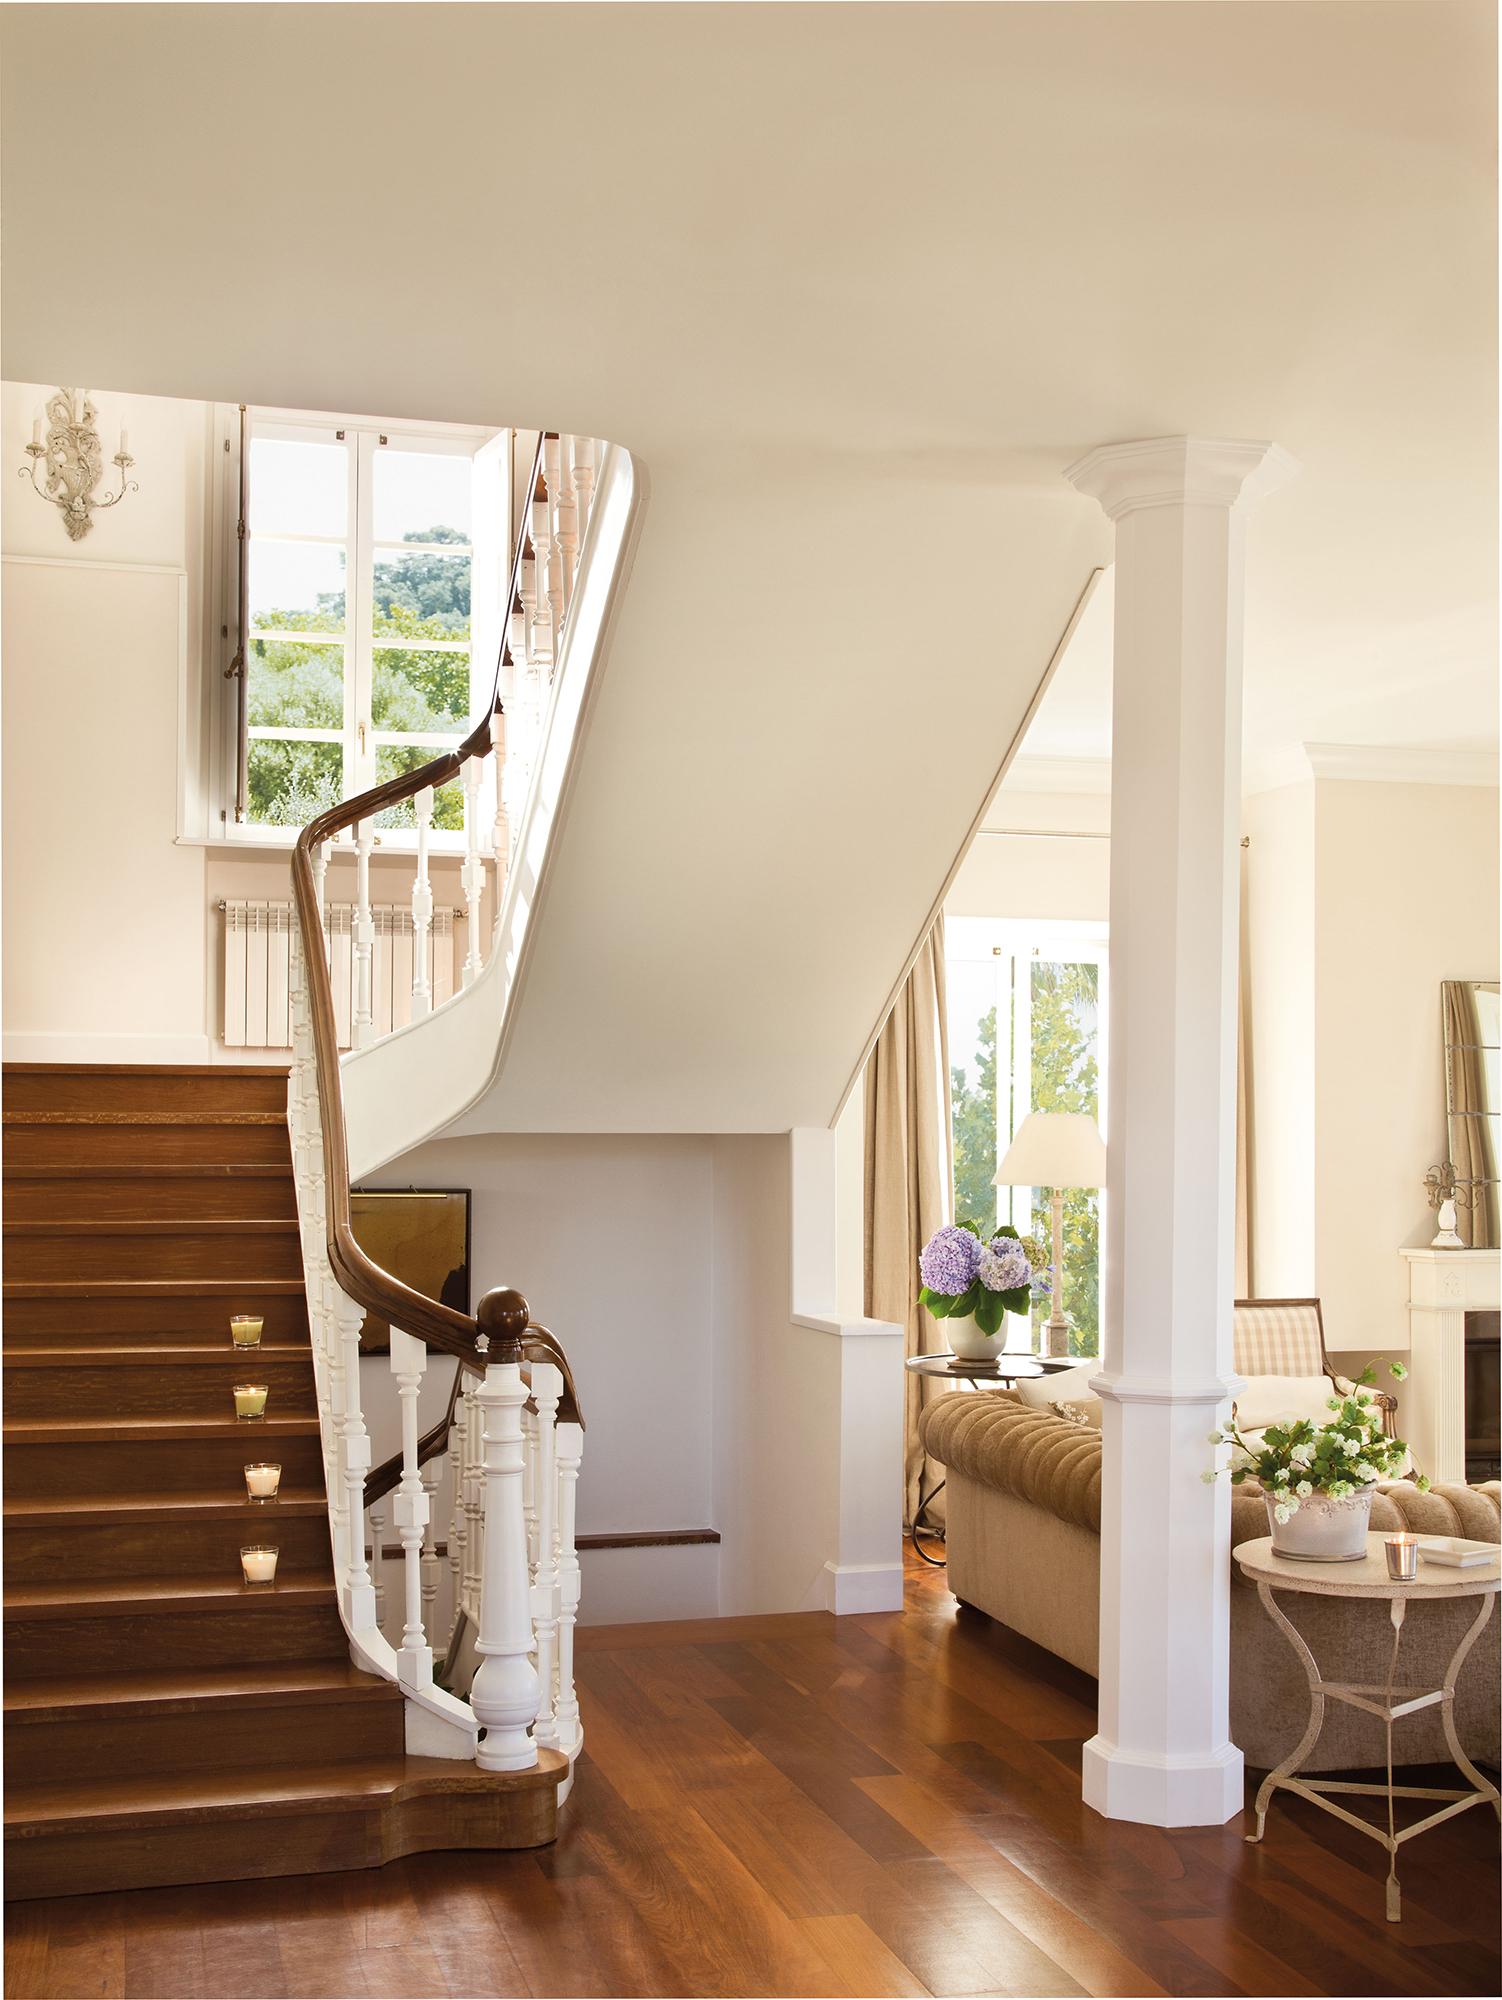 escalera con peldaos de madera y barandilla blanca con pasamanos de madera escalera con peldaos